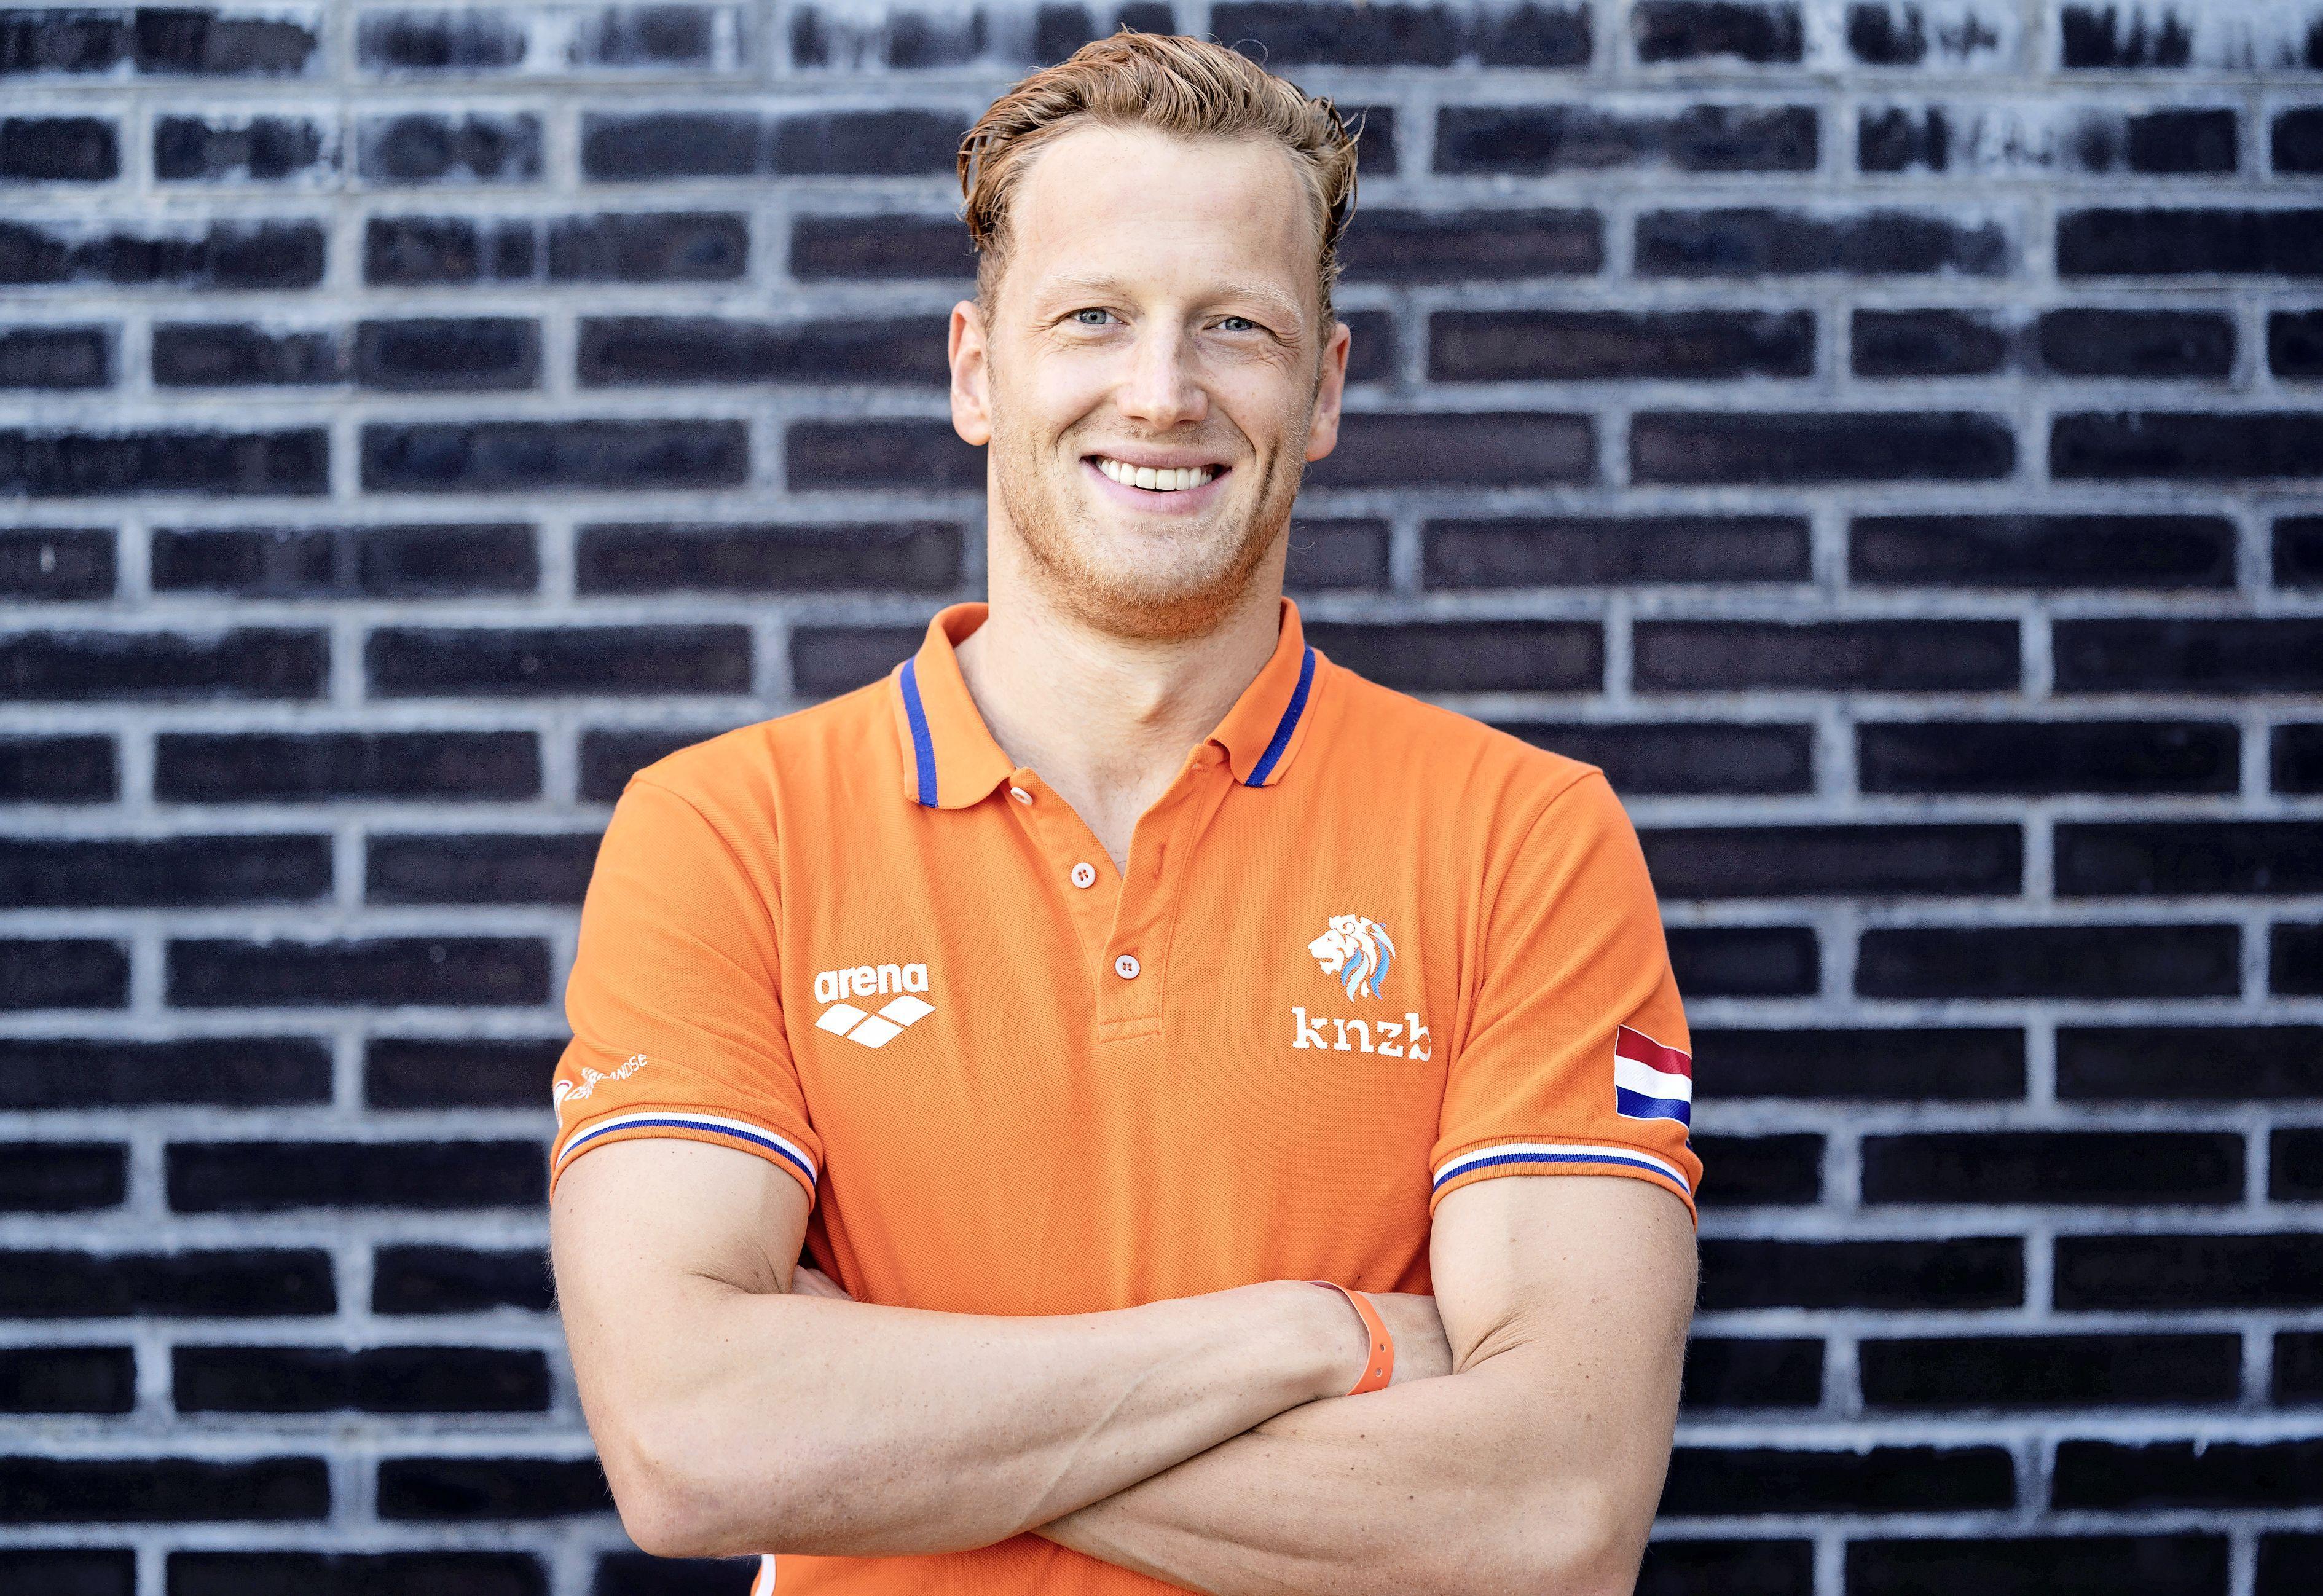 Zwemmer Weertman uit Naarden gaat voor tweede goud